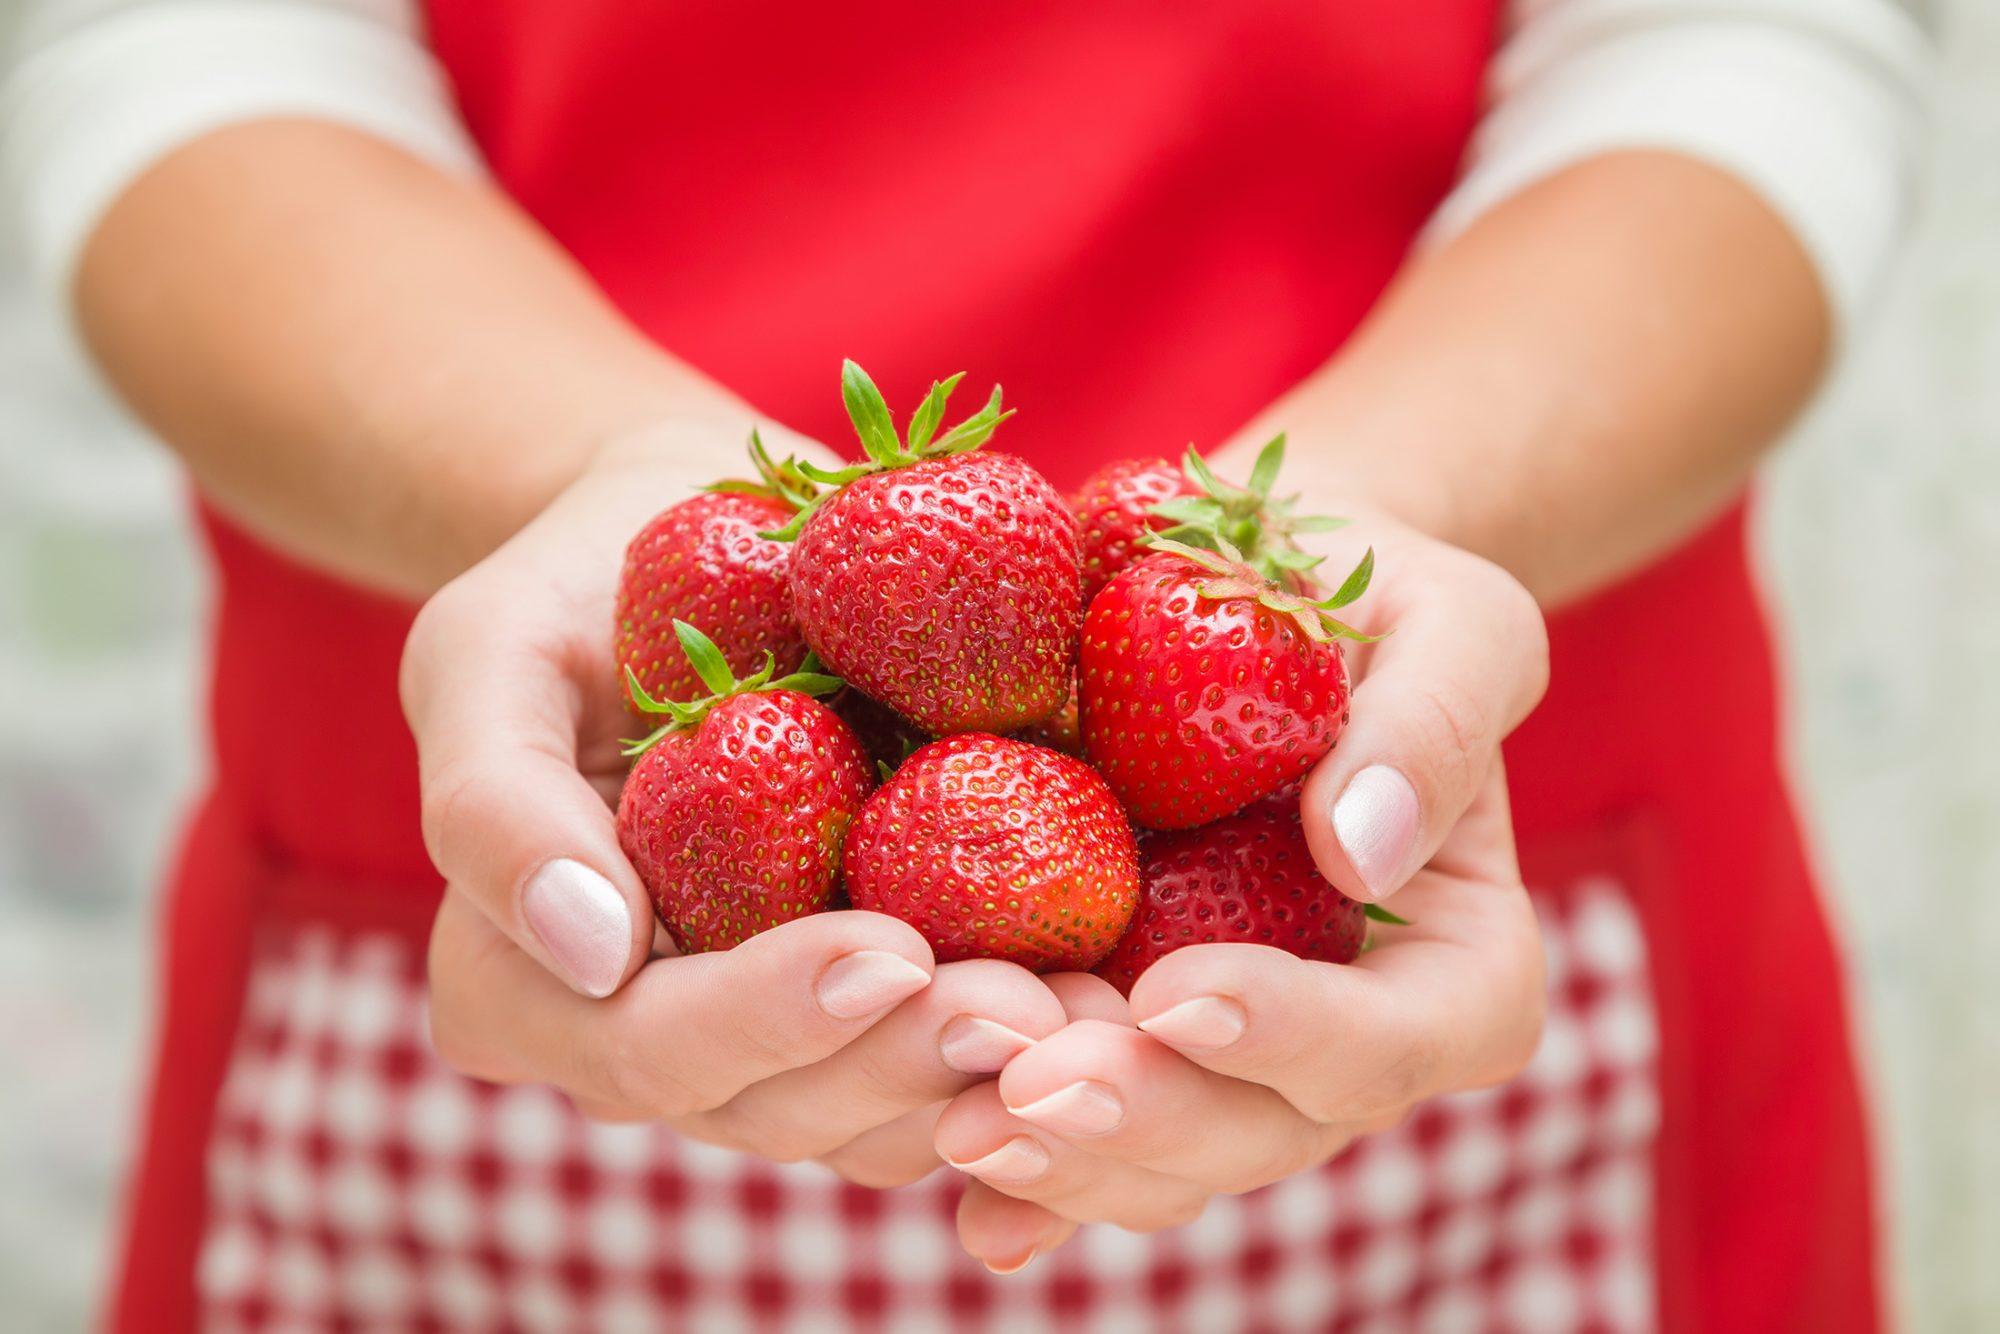 strawberries-for-shortcake-807770752.jpg